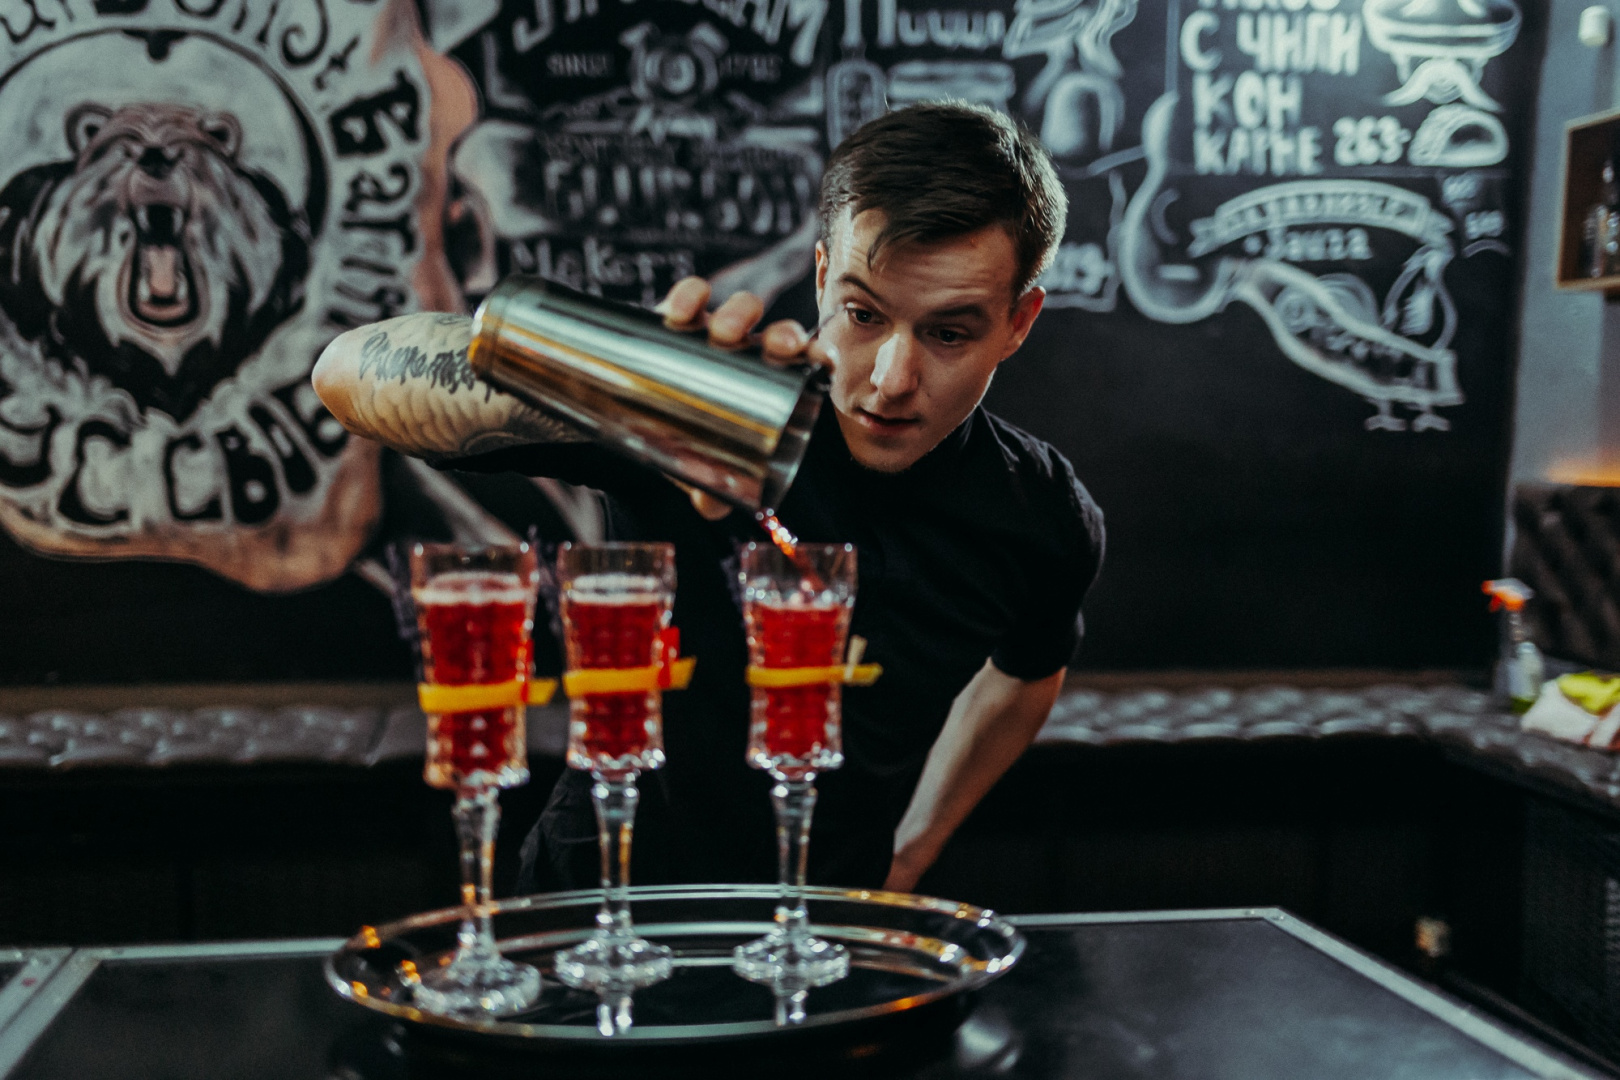 аренду поздравления для бармена с новым годом настоянию родителей